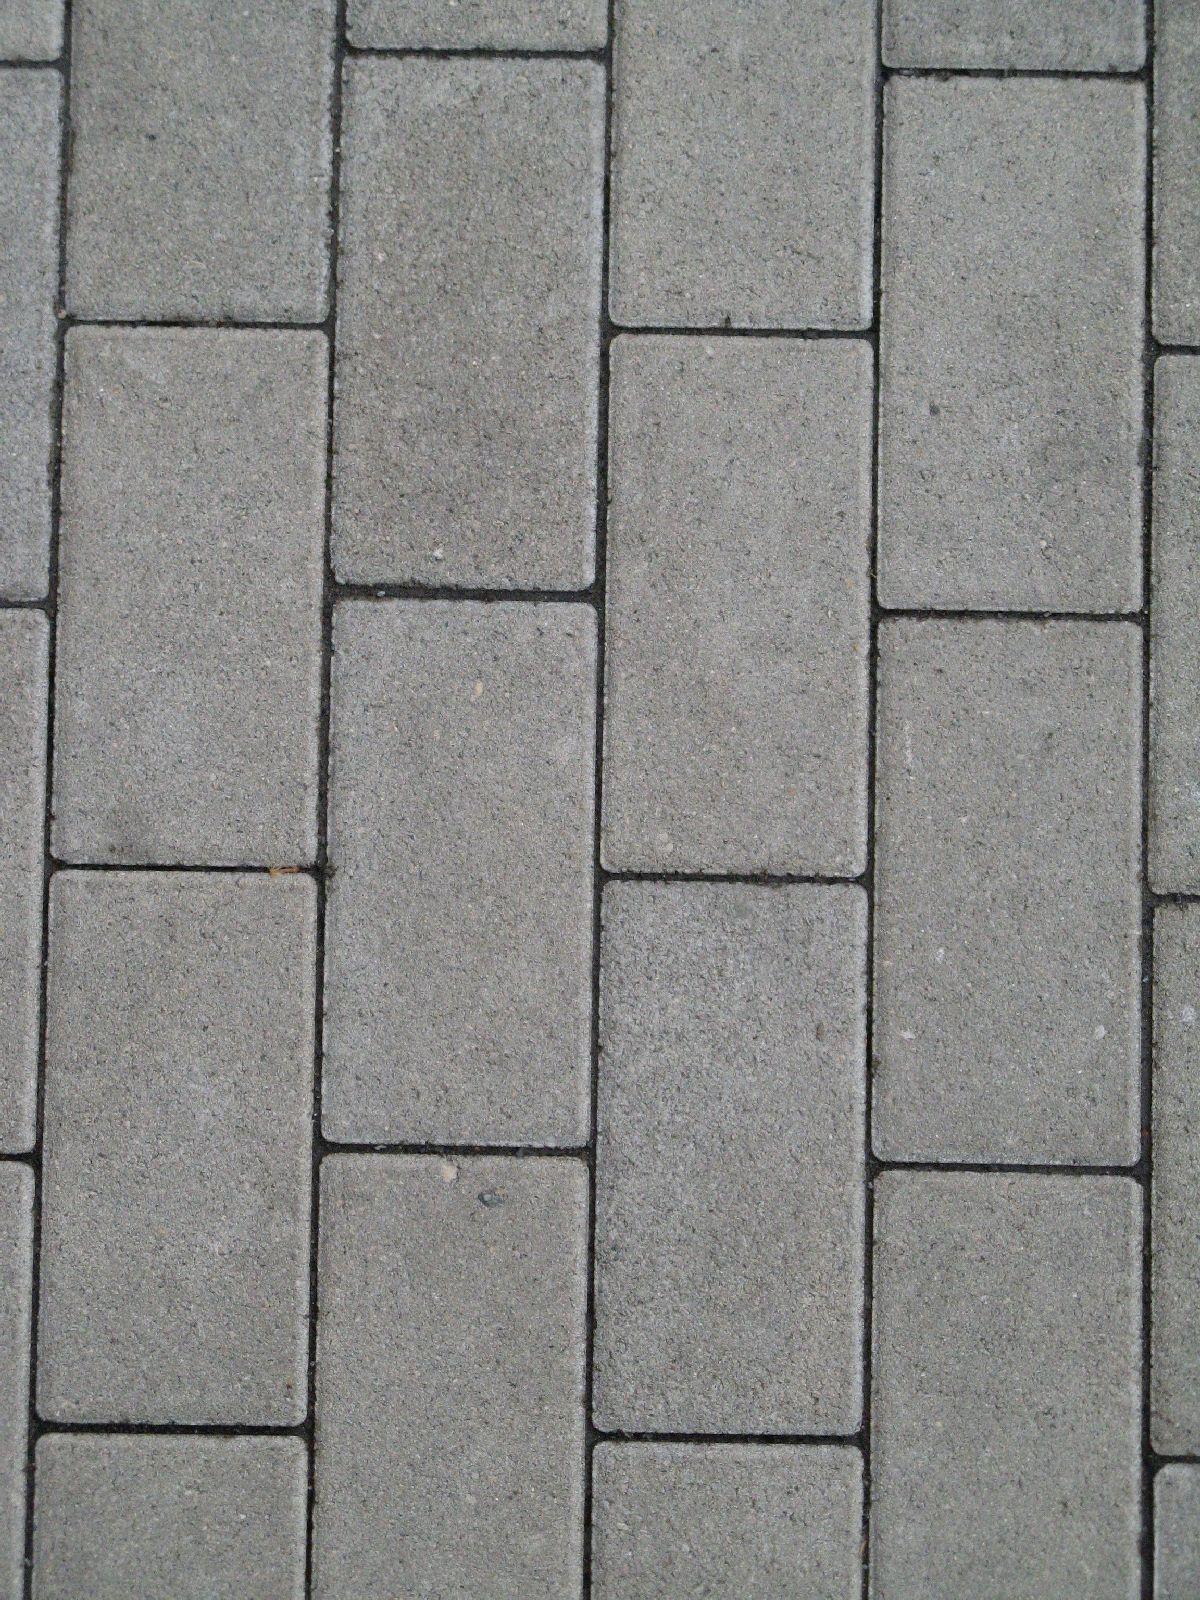 Boden-Gehweg-Strasse-Buergersteig-Textur_B_04365